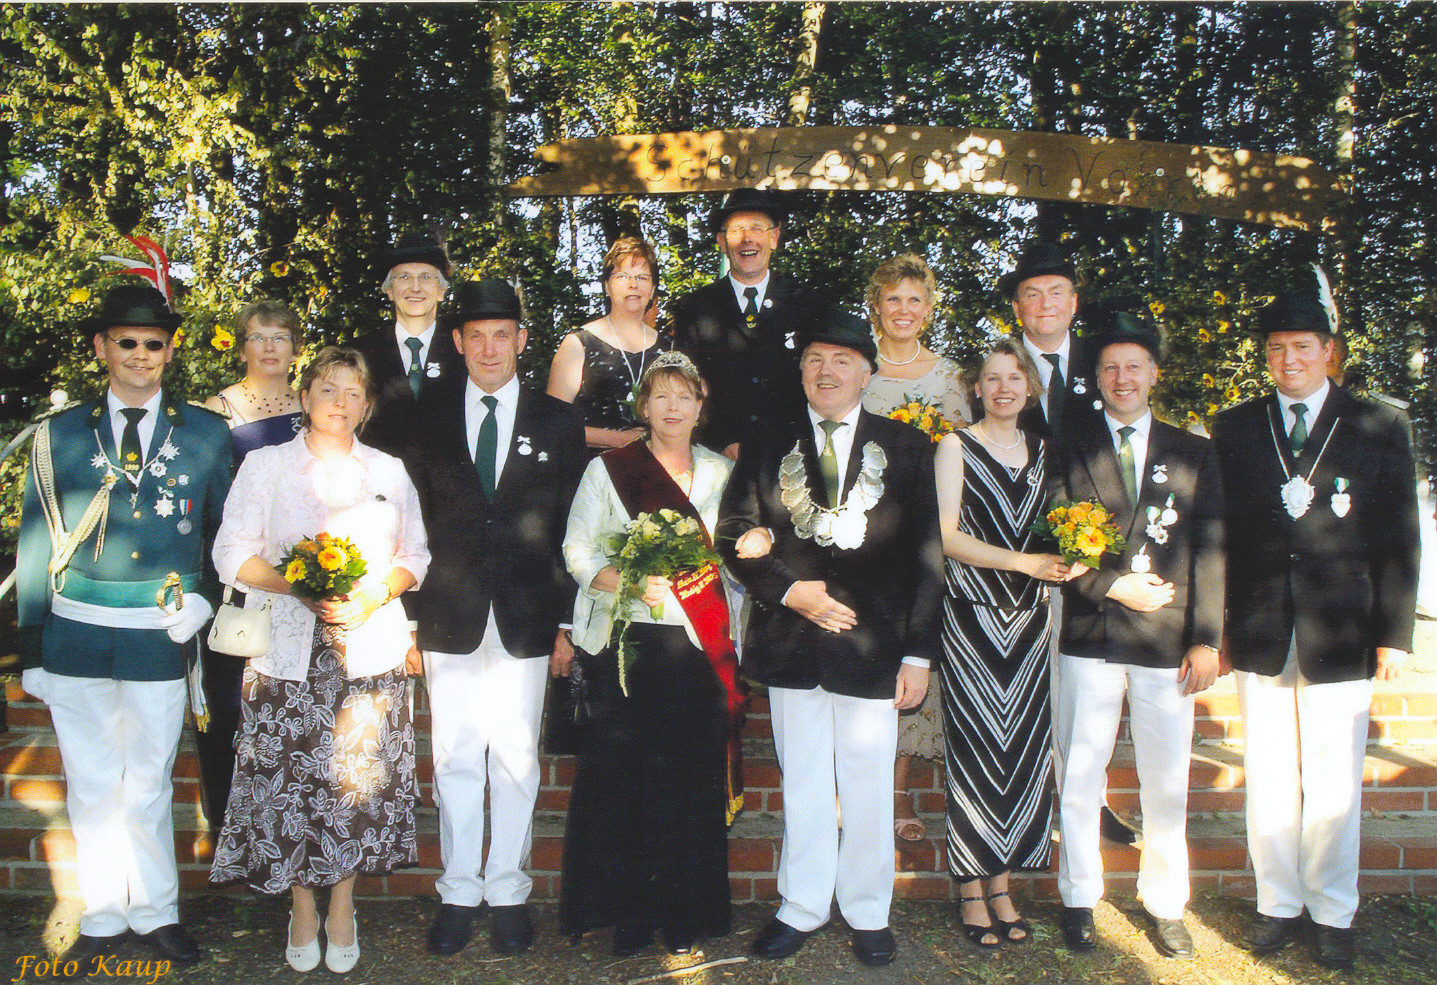 2006: König Heinz Herte und Königin Gudrun Herte